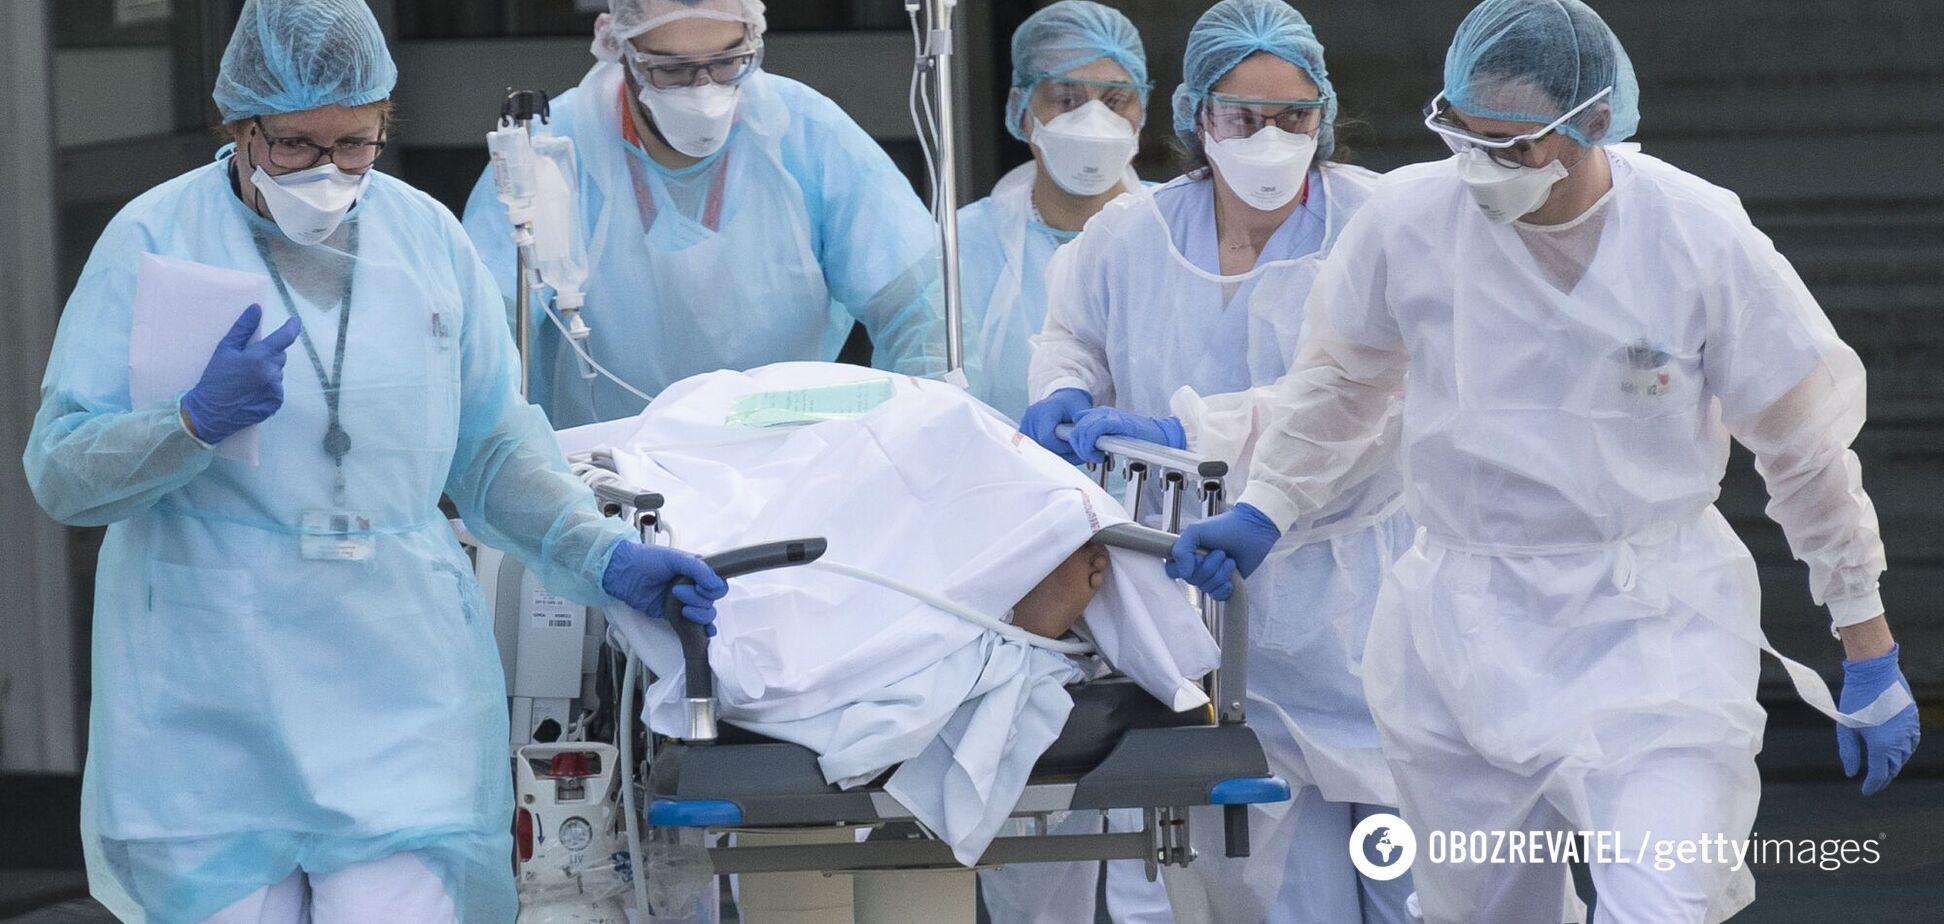 Названо симптоми COVID-19, за яких потрібна термінова госпіталізація